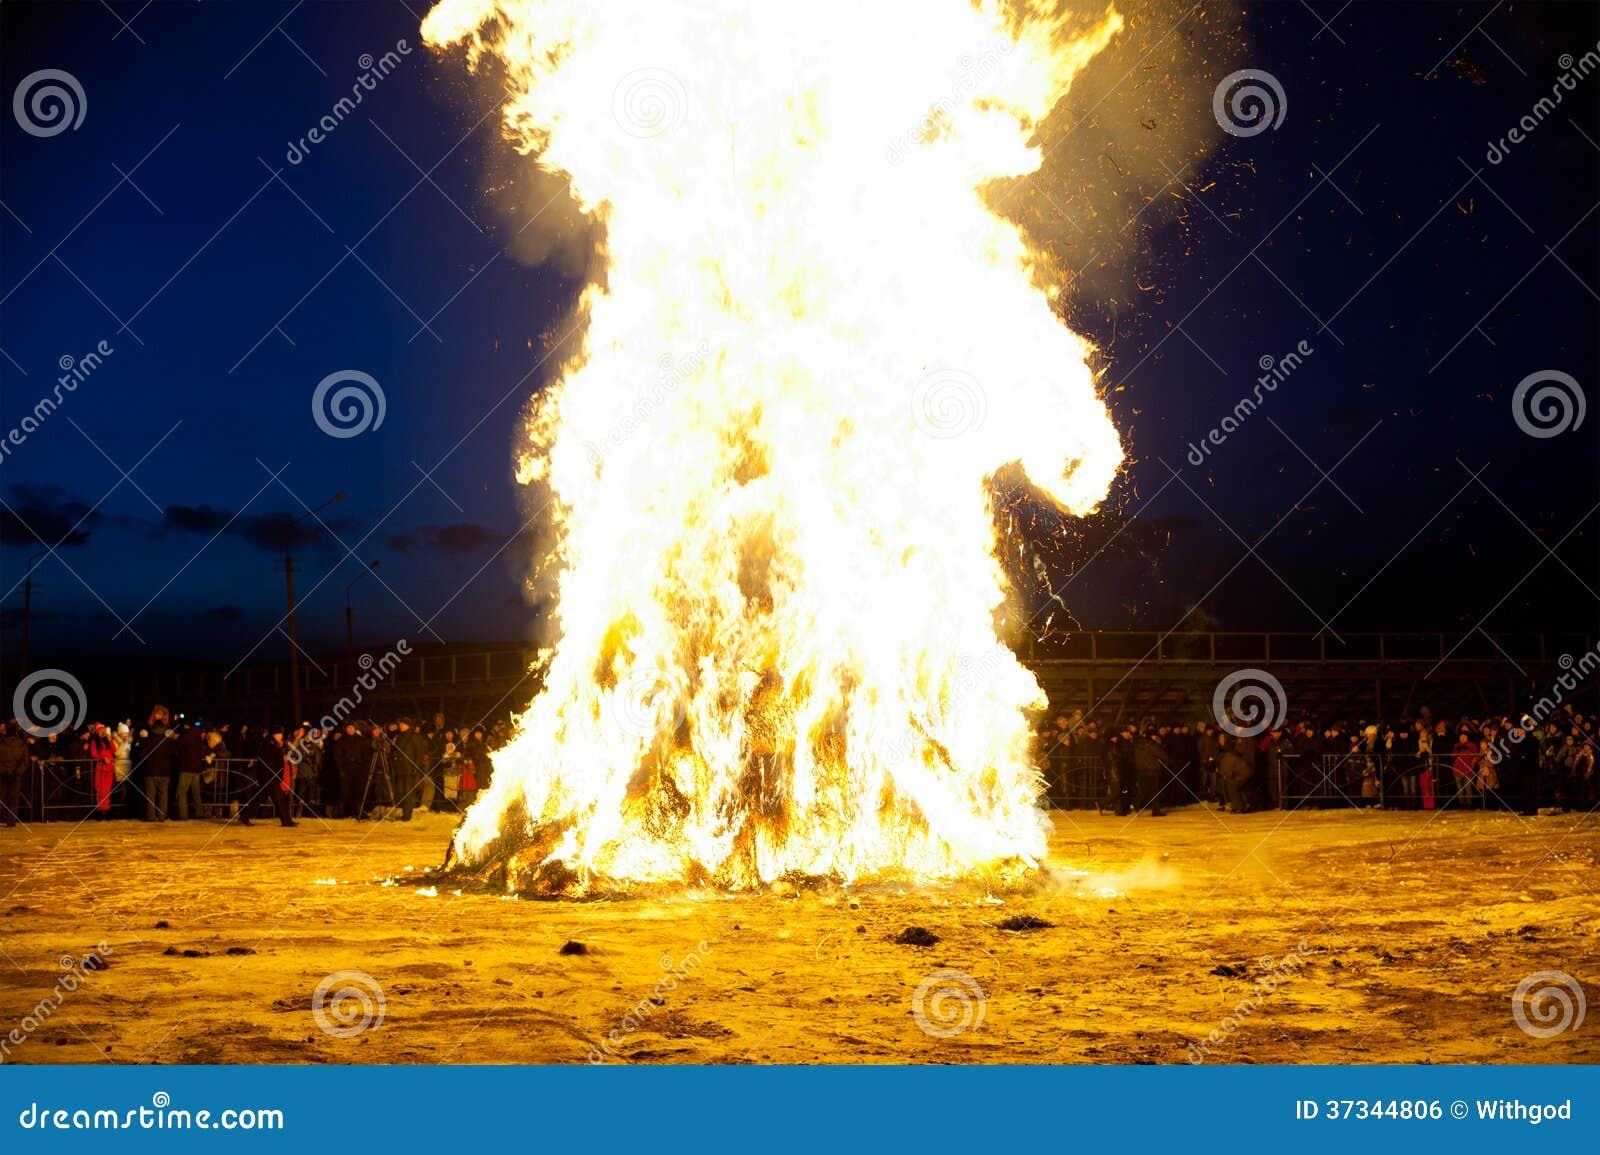 Rentvå brand för orientaliskt nytt år